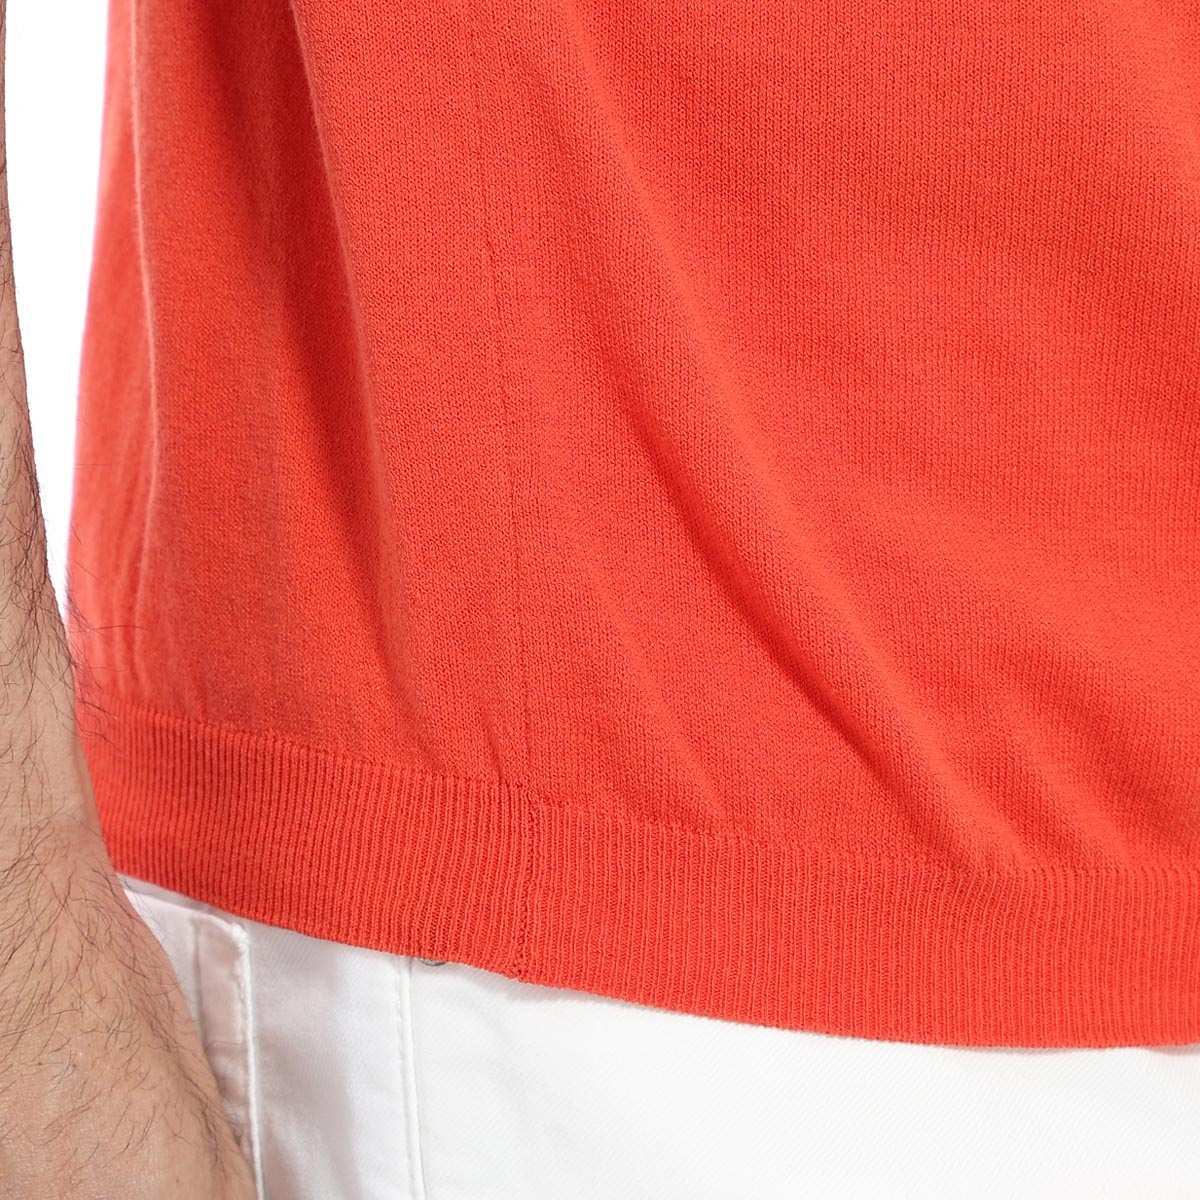 【アウトレット】HERITAGE ヘリテージ クルーネック半袖ニット【大きいサイズあり】 メンズ